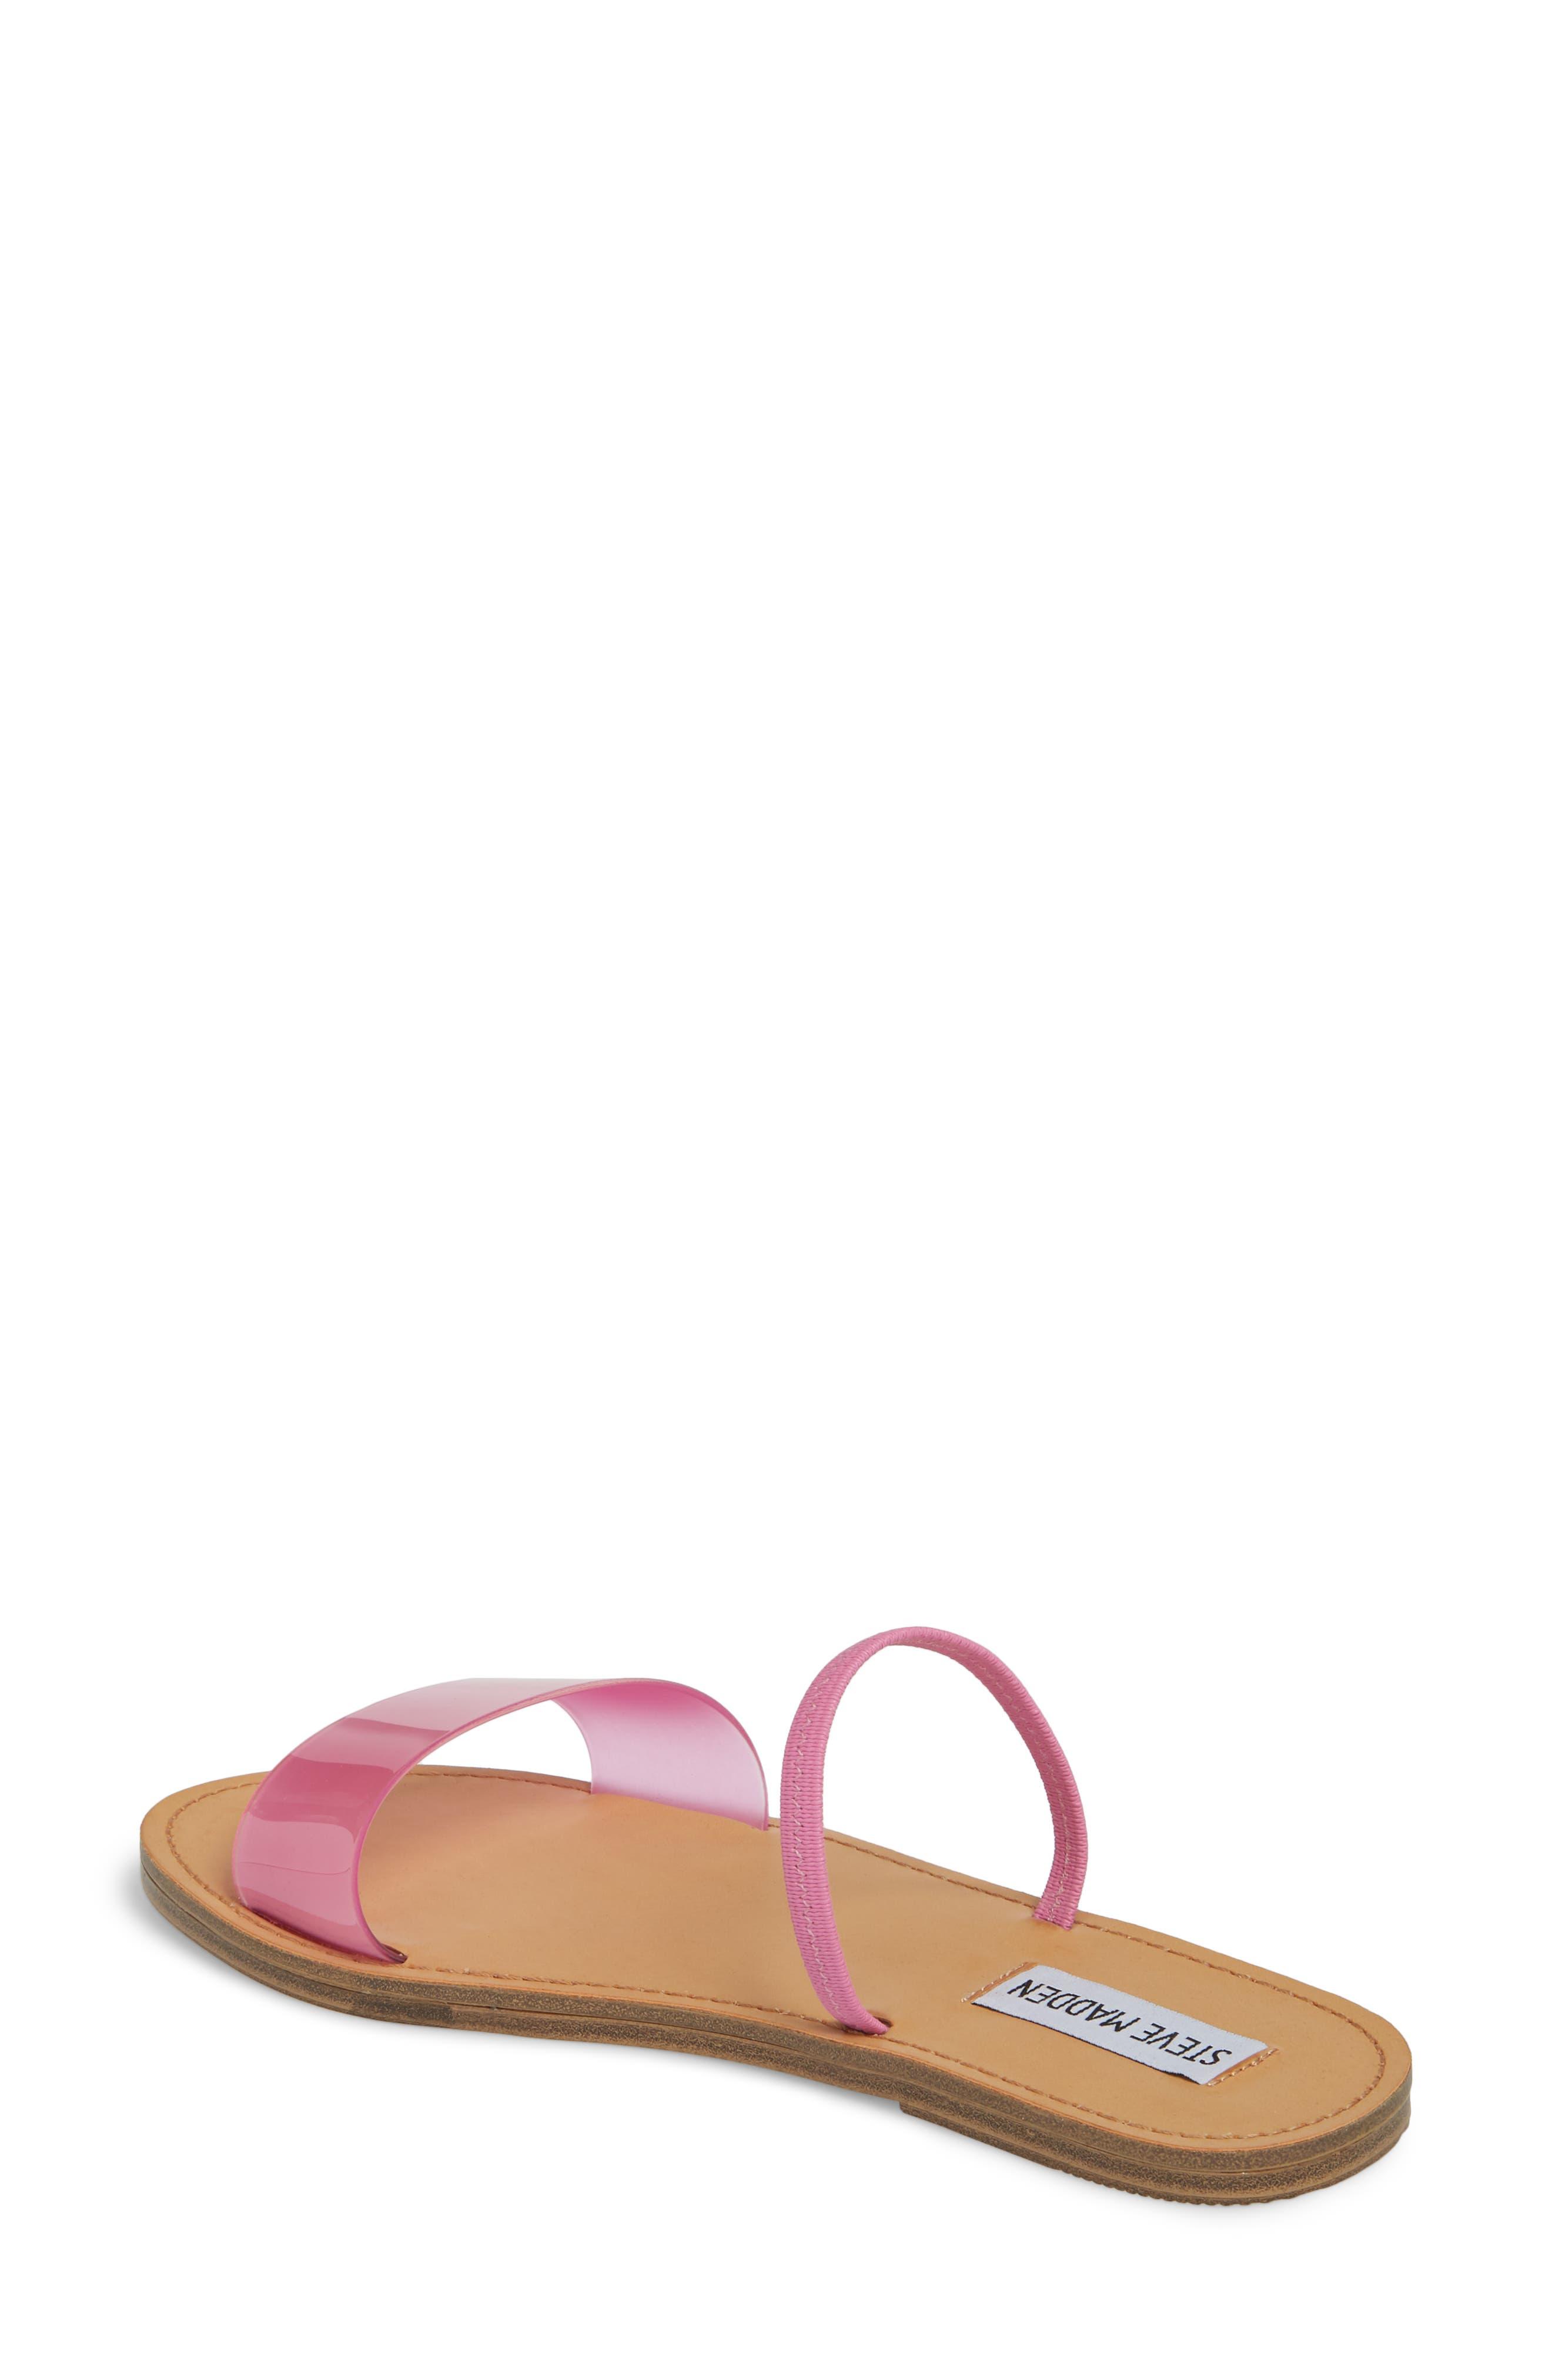 Alternate Image 2  - Steve Madden Dasha Strappy Slide Sandal (Women)